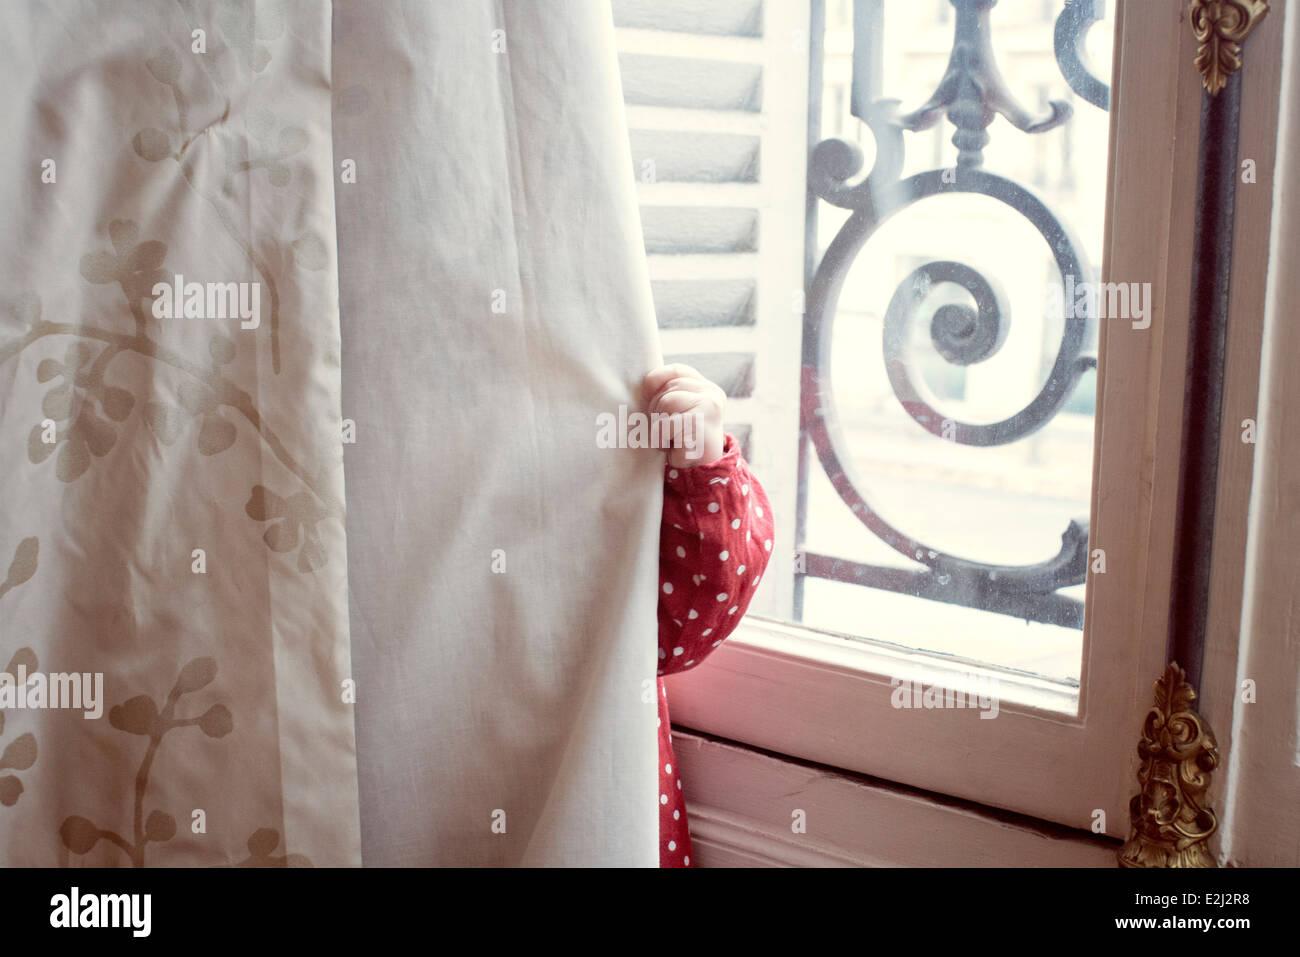 Bambino nascondere dietro la cortina Immagini Stock